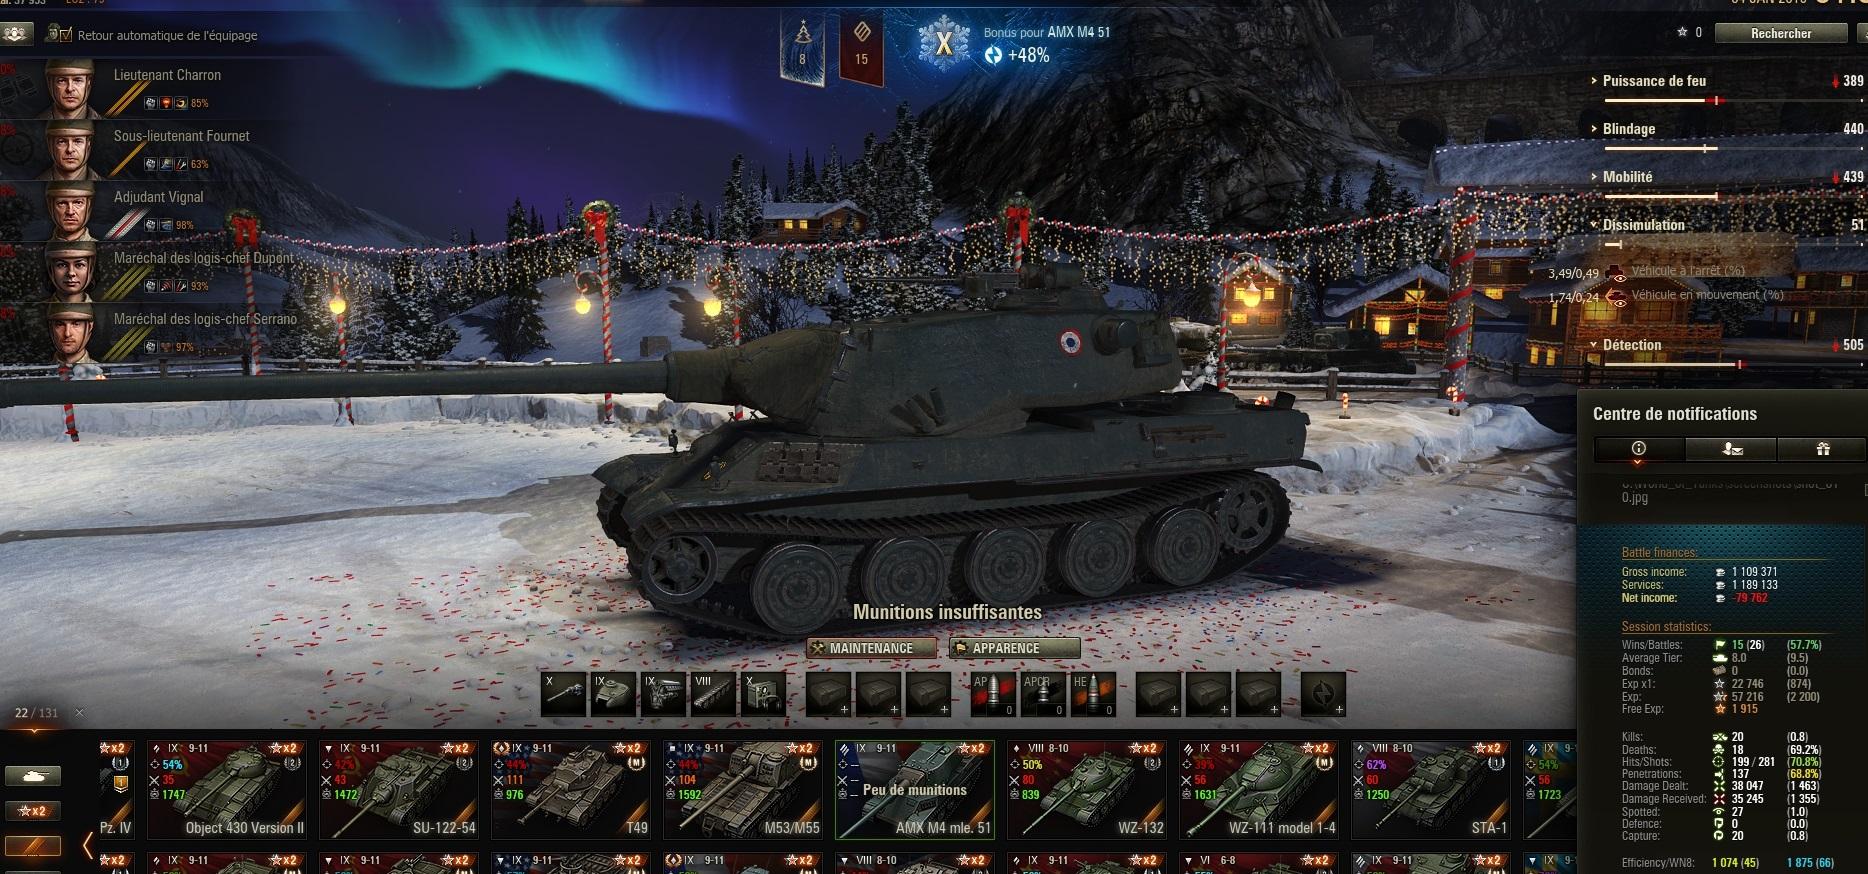 Screenshots et rapports de batailles - Page 20 7b1b10cdcfa2114d8ed4a65aef0c8825